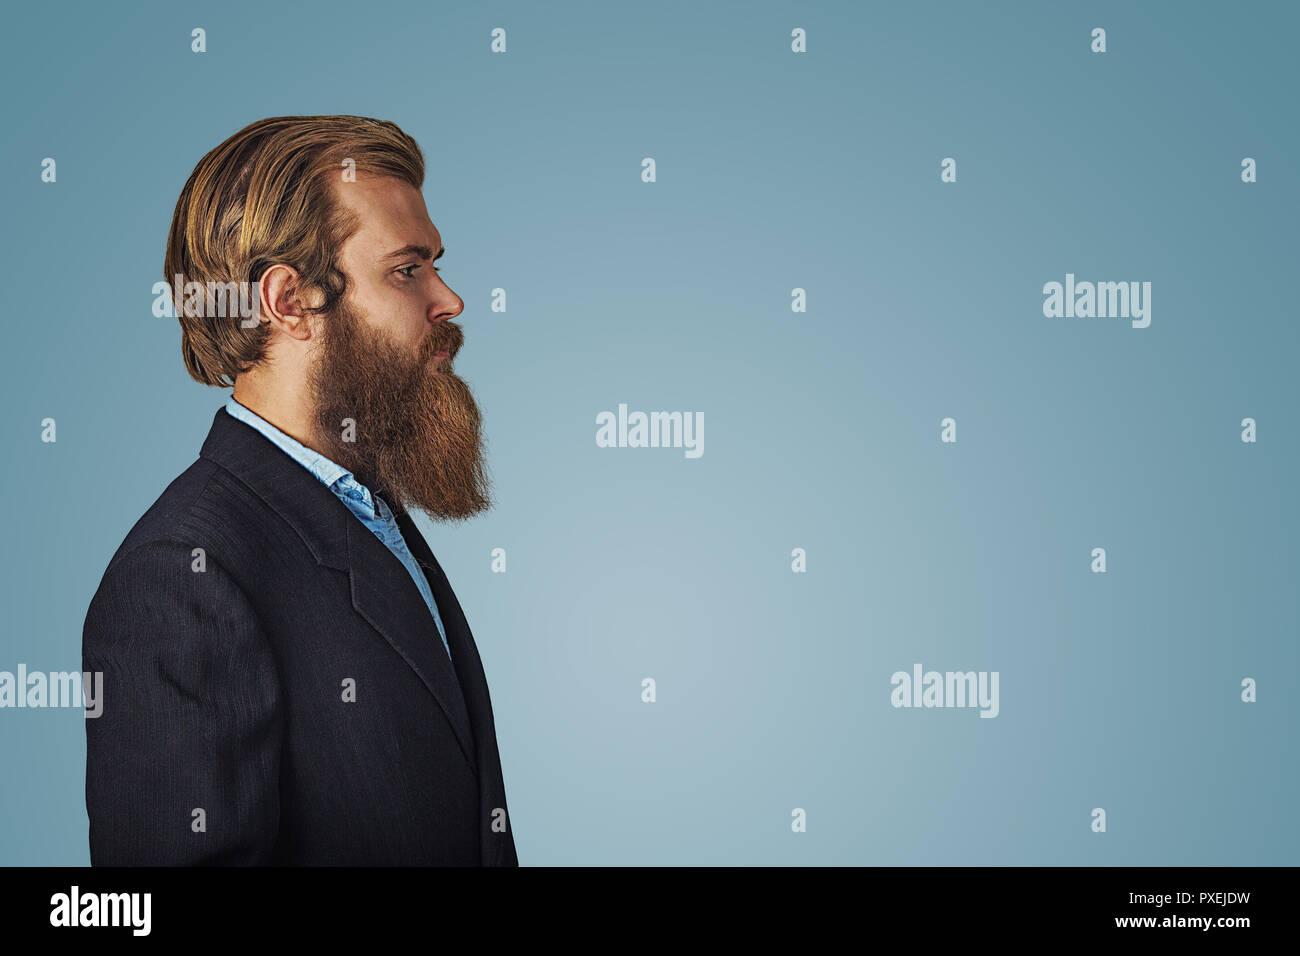 Vue latérale de la mode portrait grave hipster barbu bel homme en costume  noir et chemise bleue isolé sur fond bleu. Négatif express cf025371b27